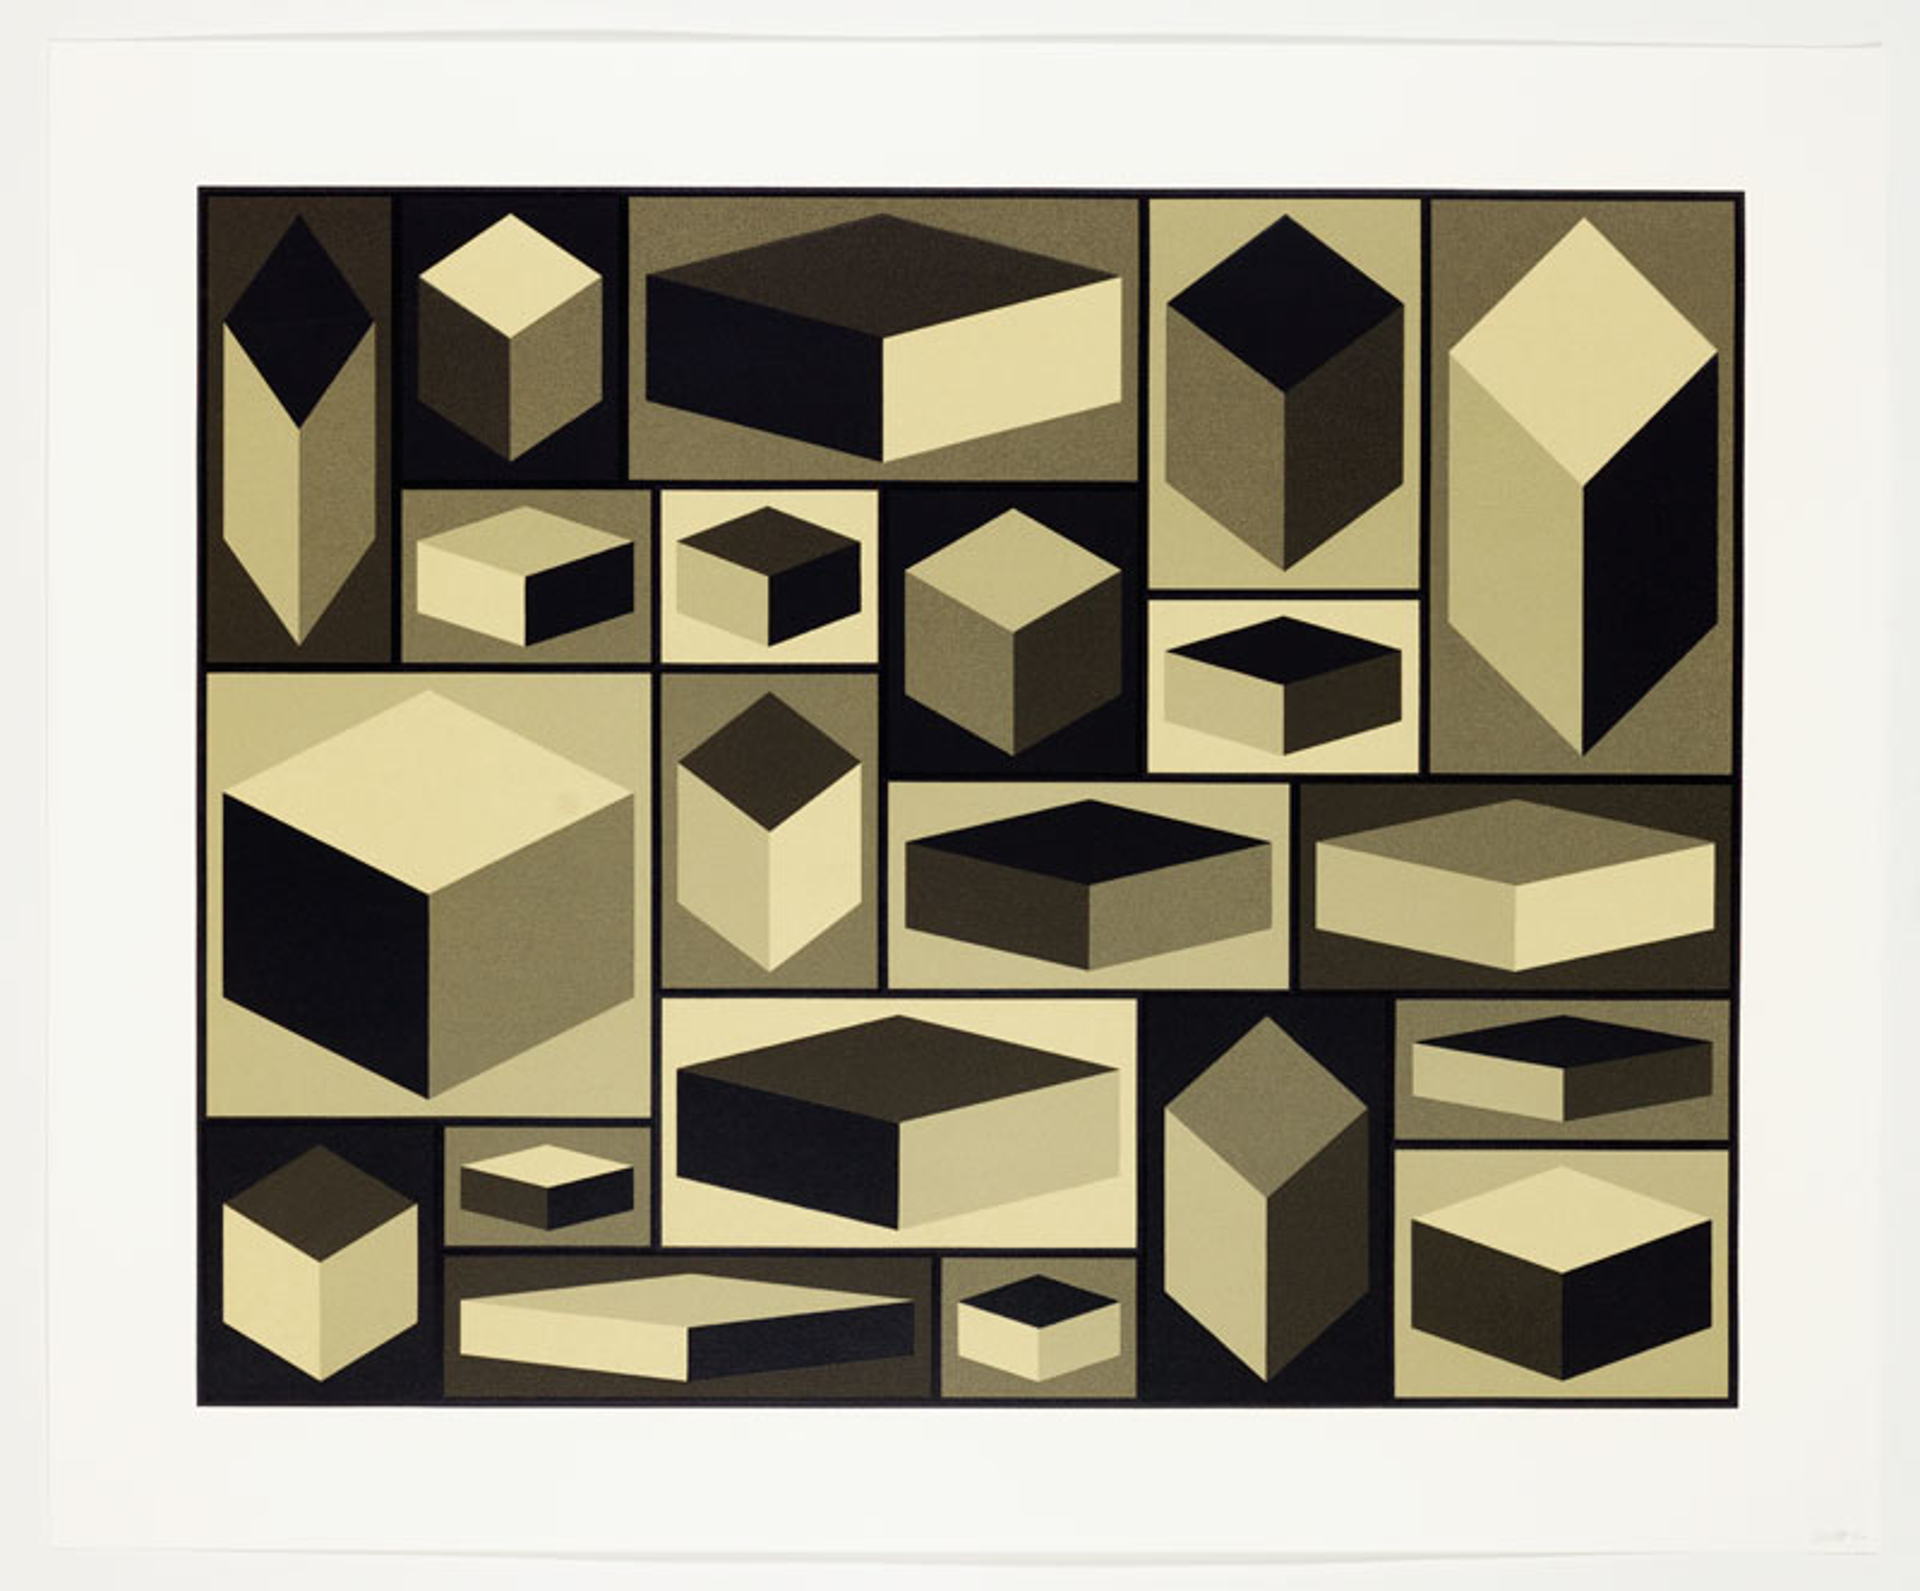 Distorted Cubes Portfolio (5) by Sol LeWitt